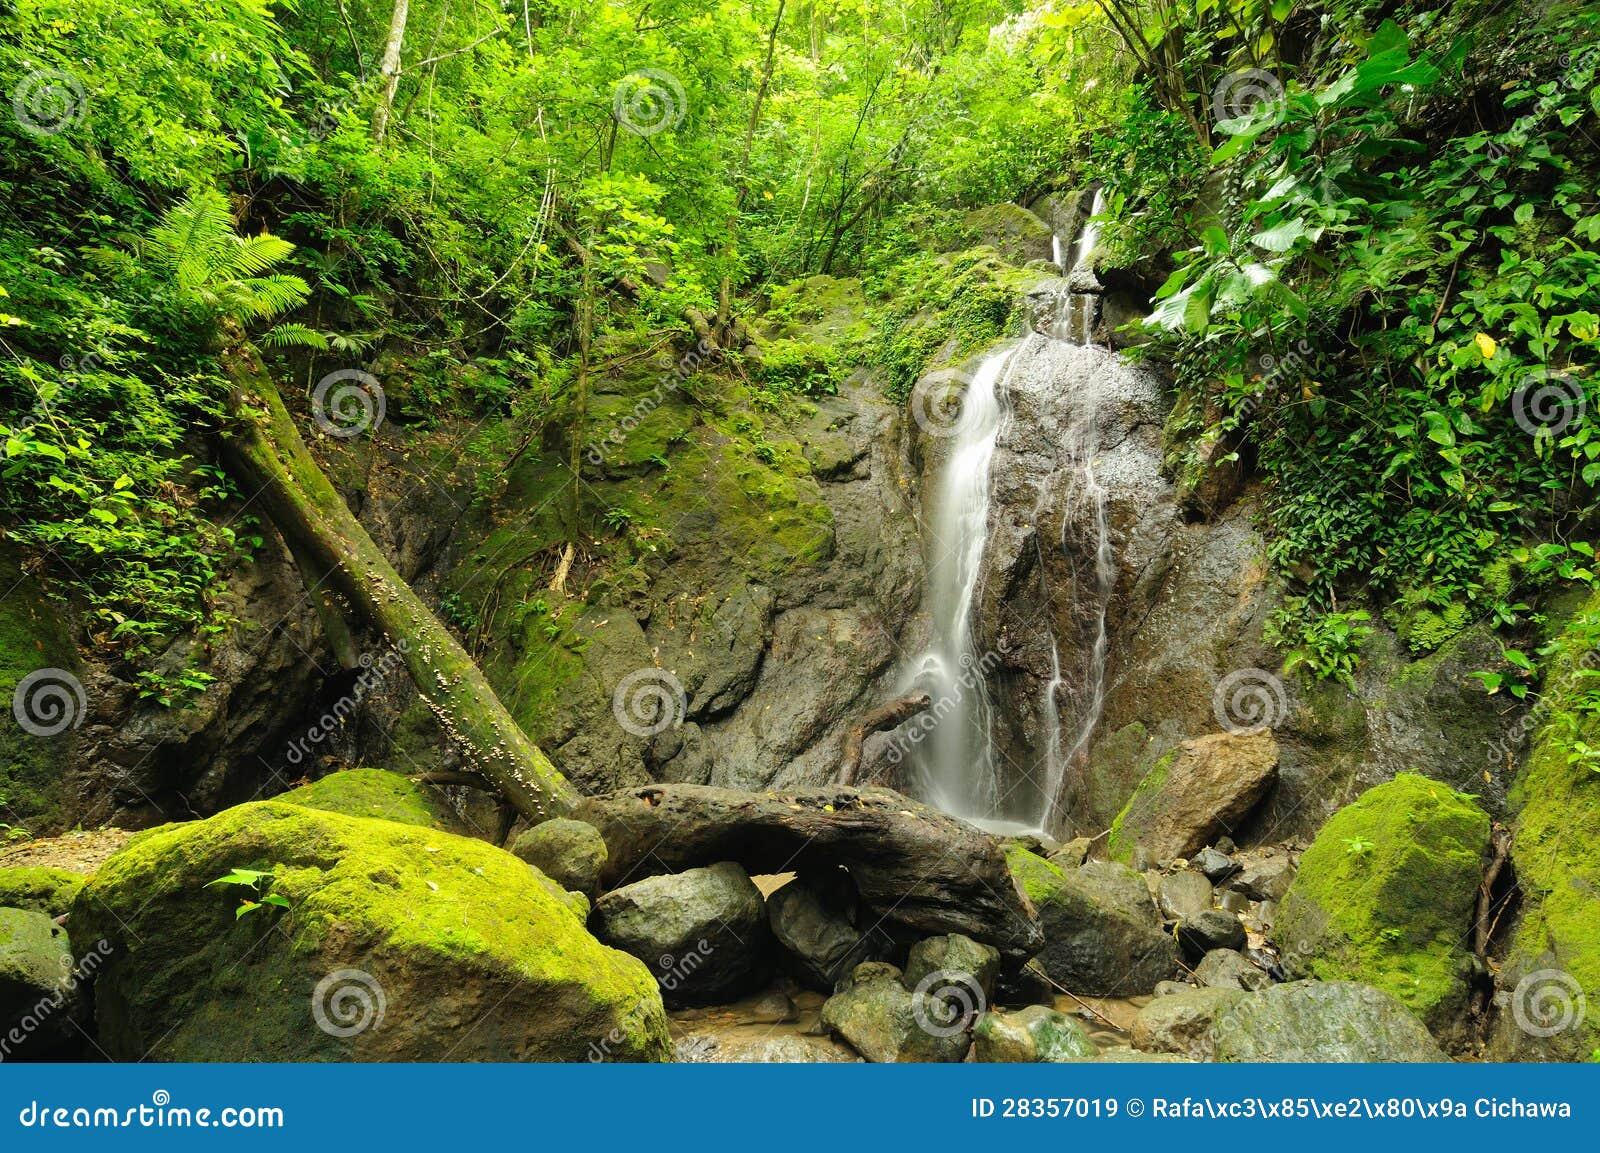 Selva colombiana salvaje de Darien